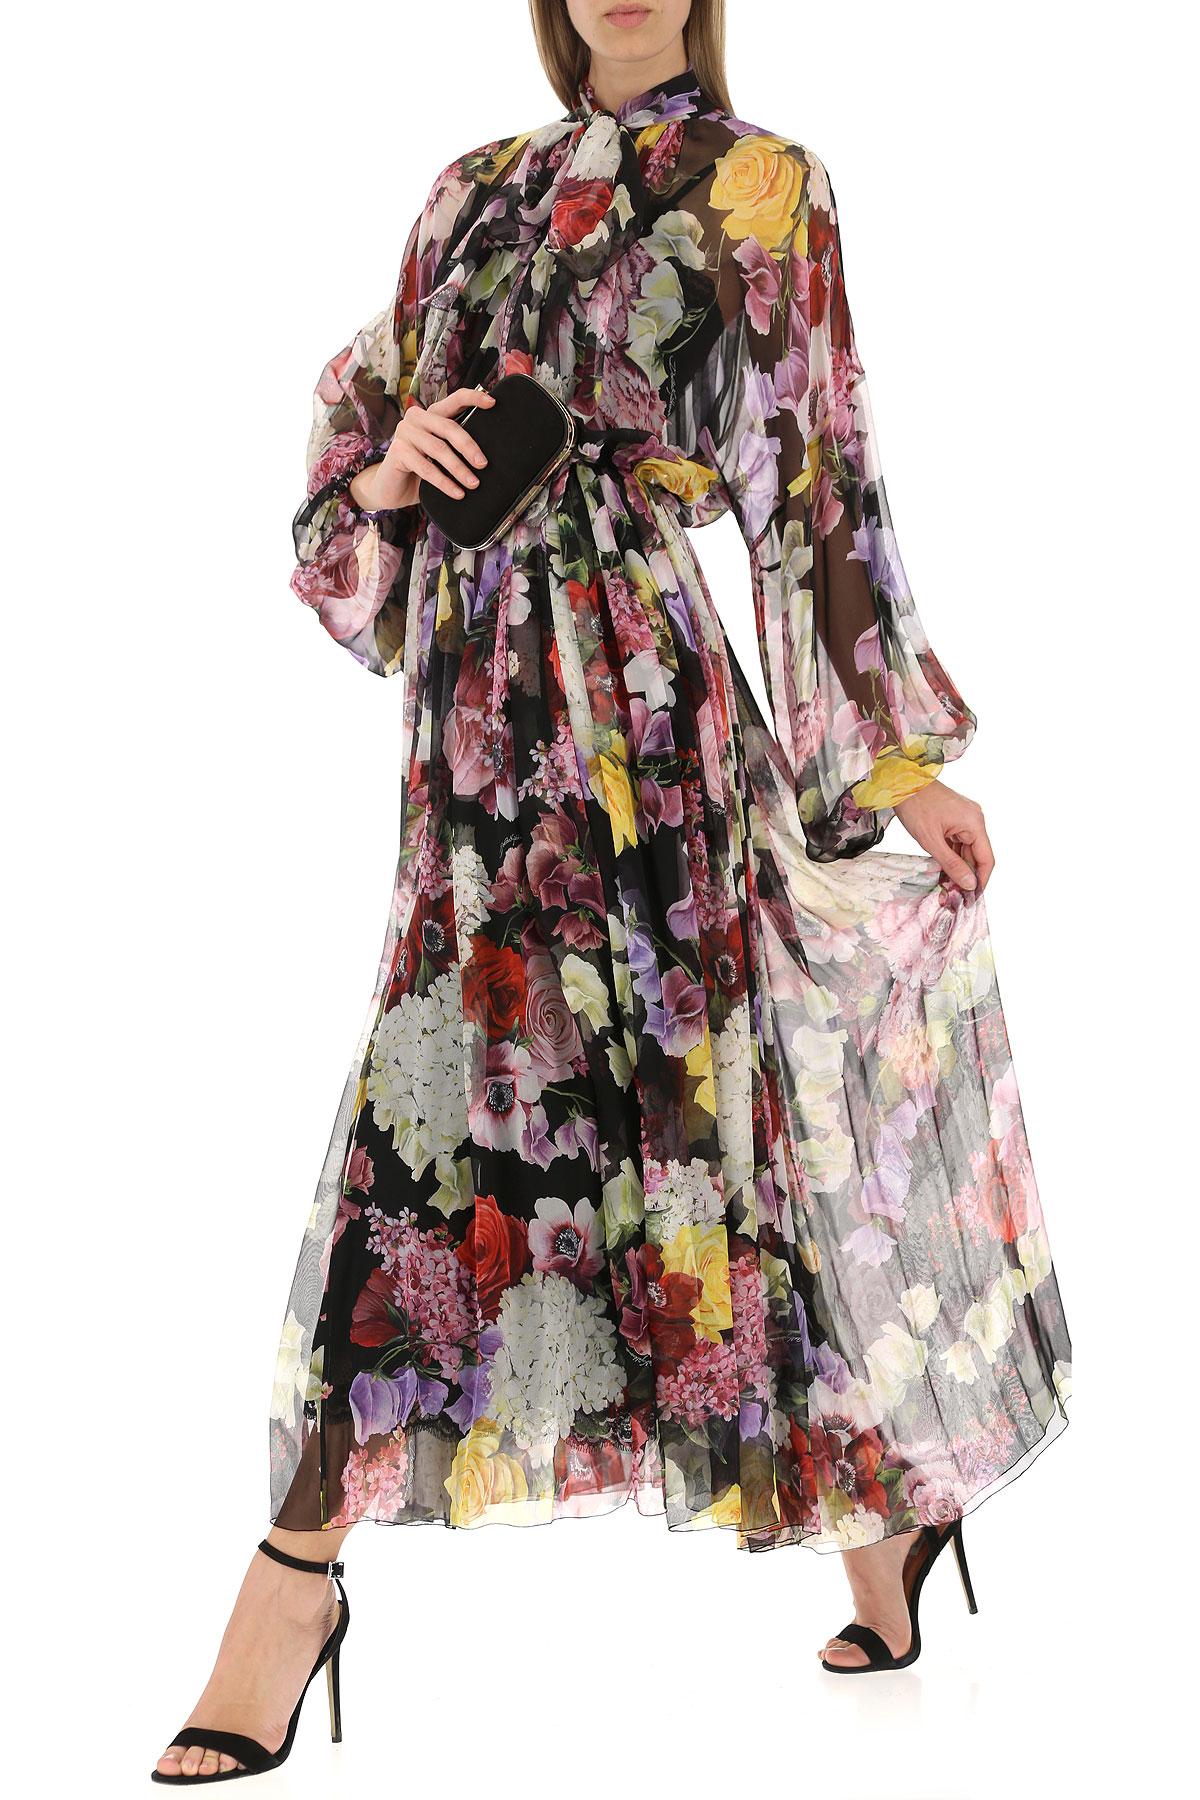 nbsp; Primavera verano Para Gabbana Multicolor 2019 amp; Ropa Dolce Mujer ztBwSXzq